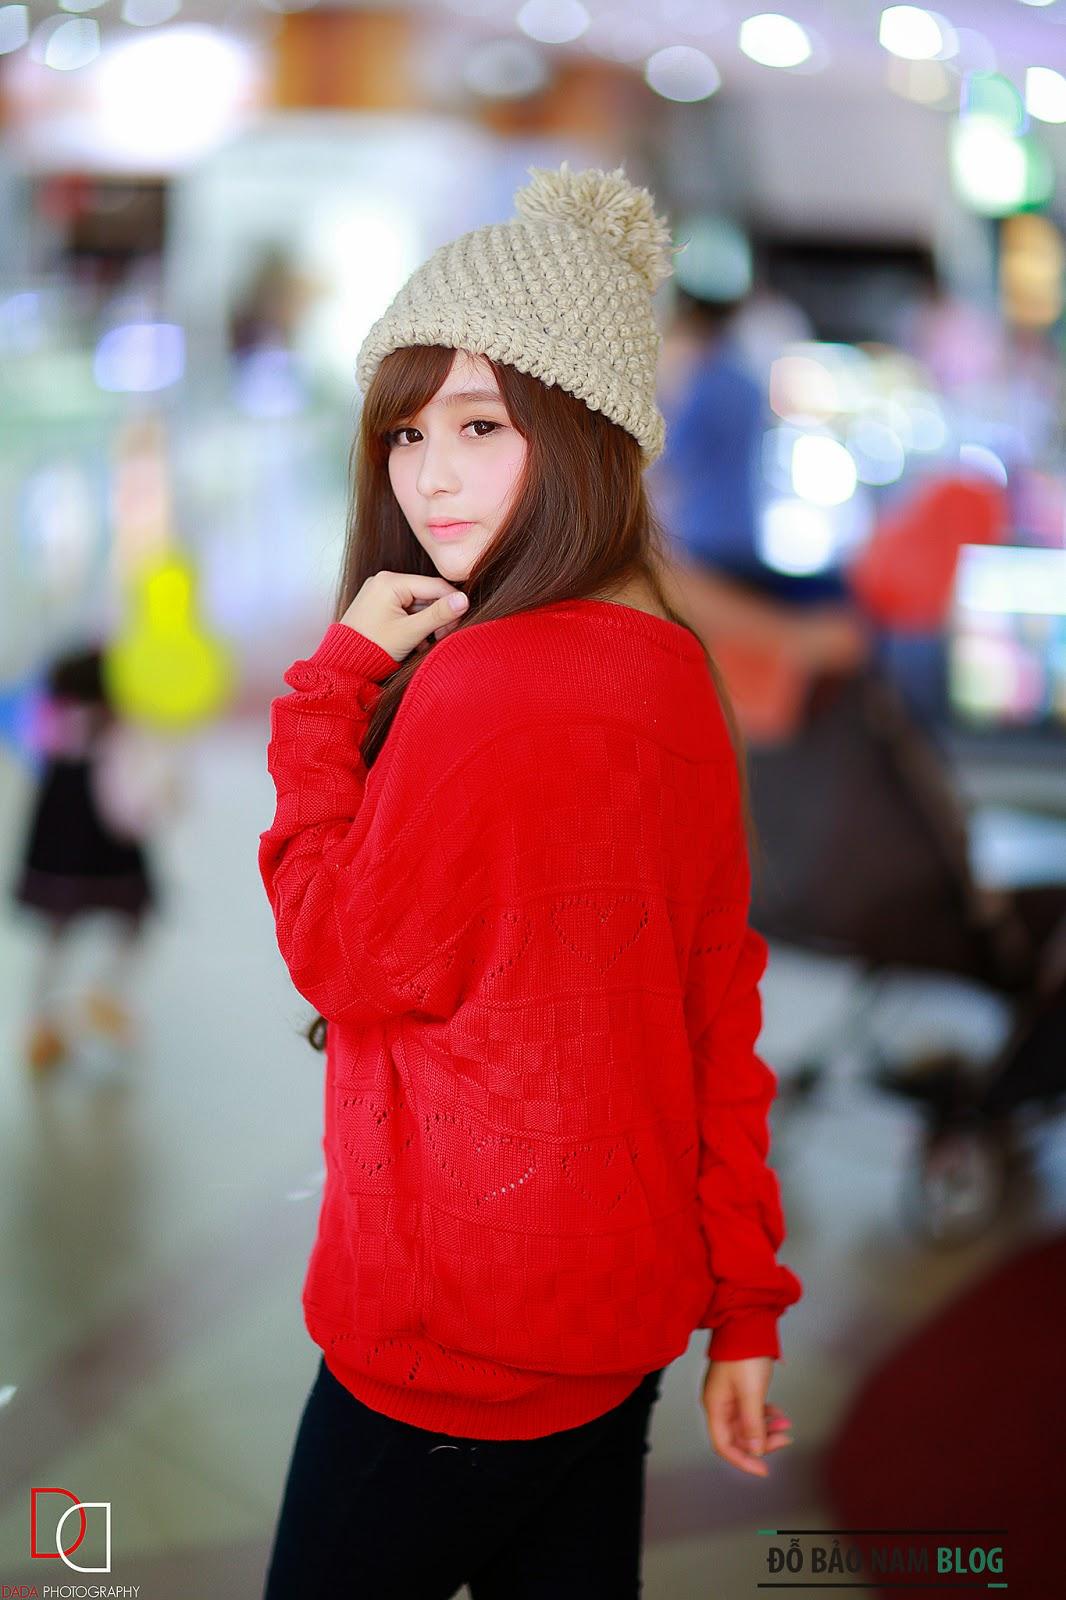 Ảnh đẹp girl xinh mới nhất 2014 được tuyển chọn 17